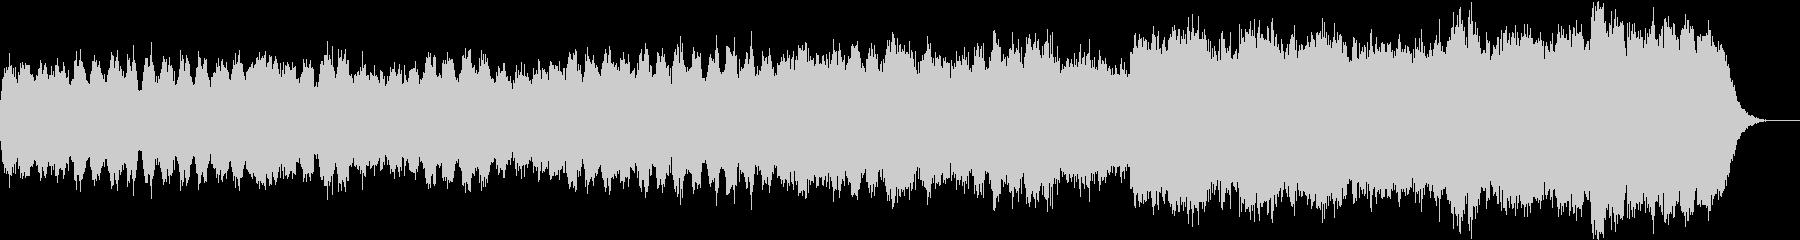 ハプシコードとストリングスのバロック曲の未再生の波形